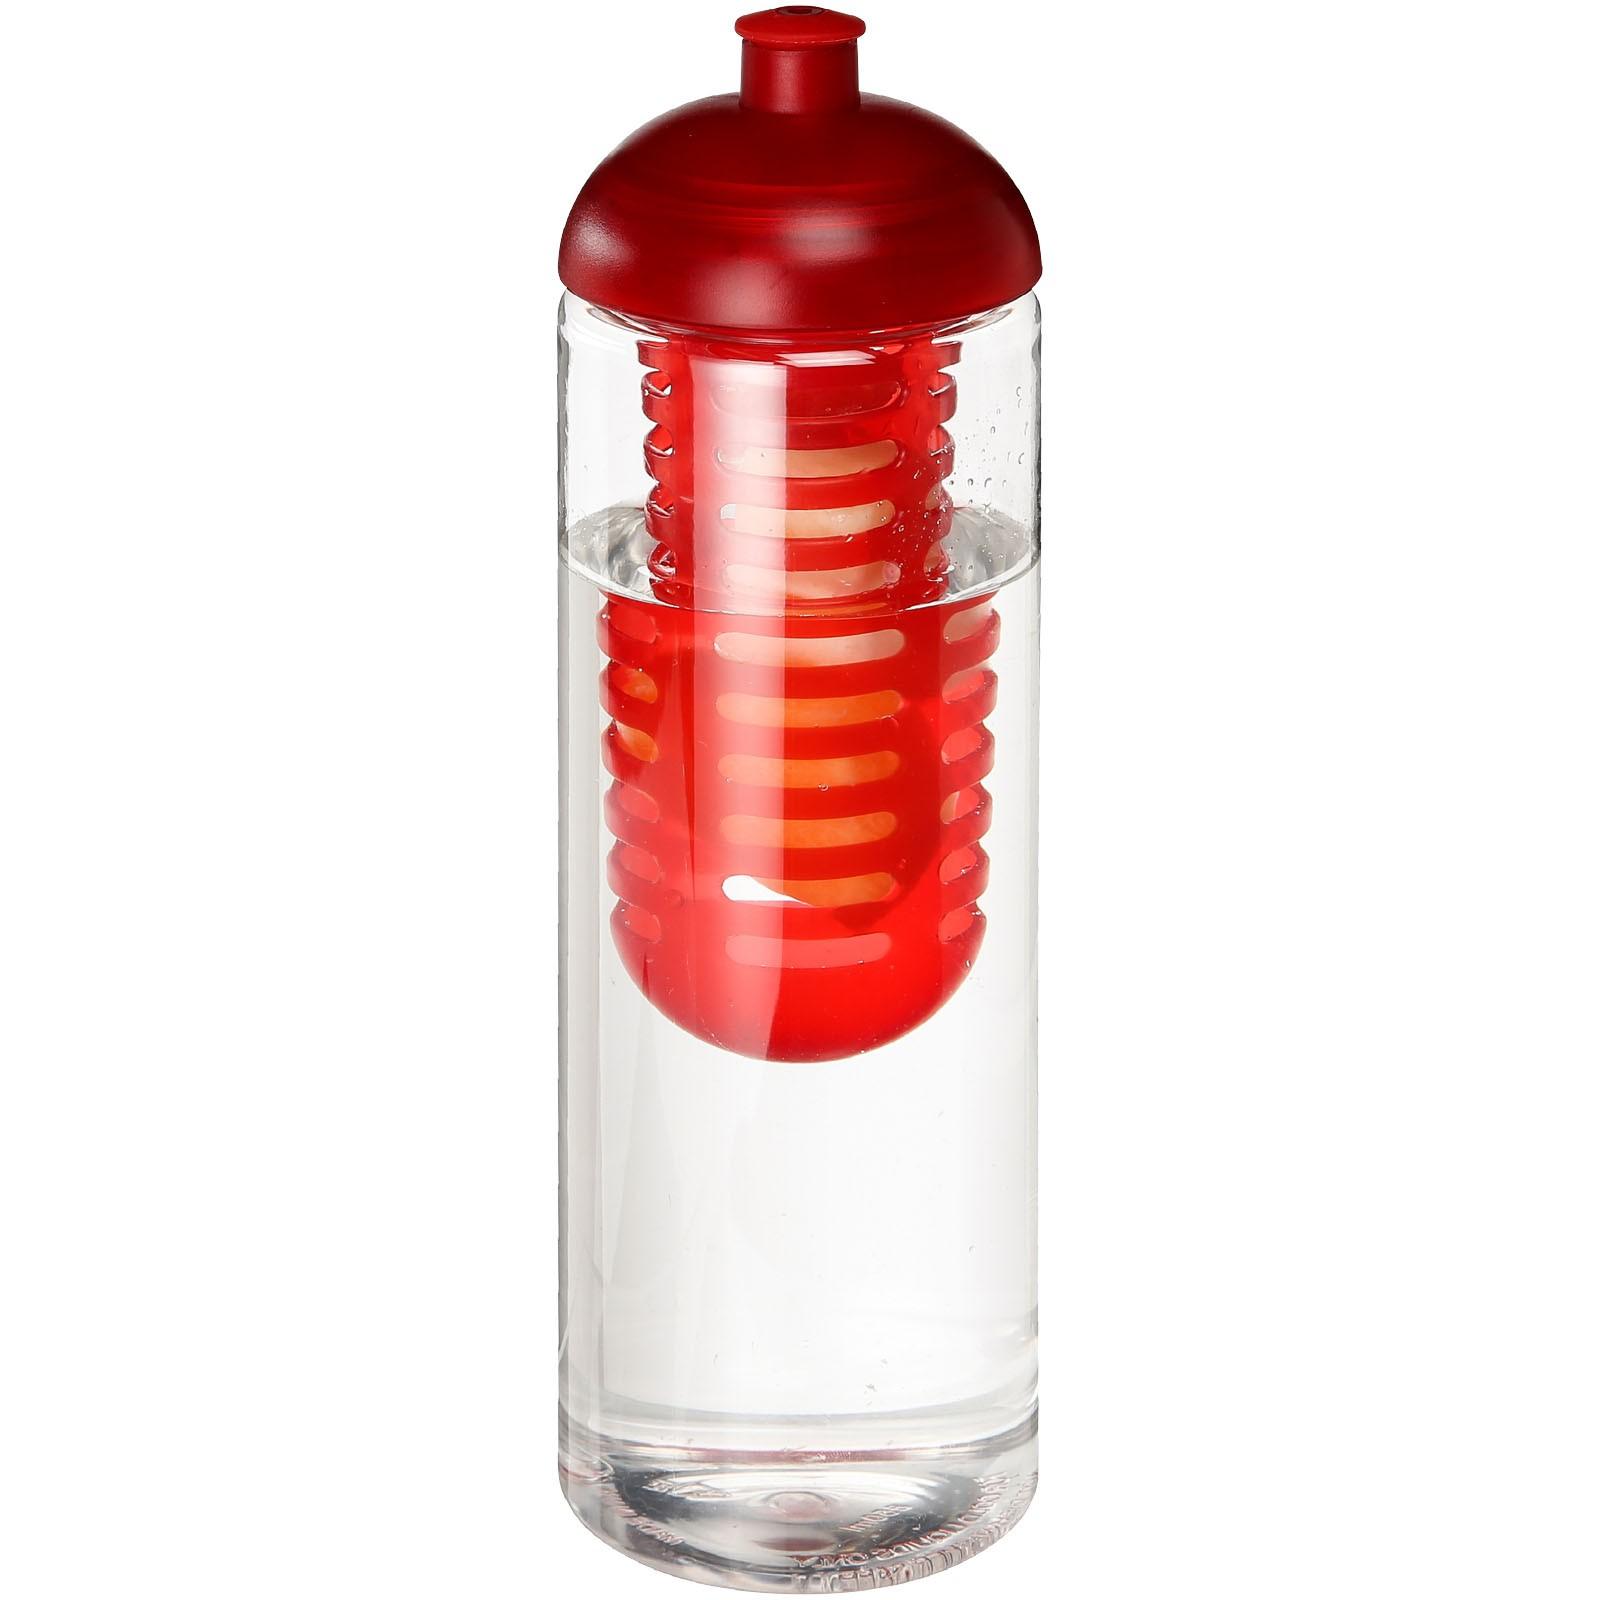 H2O Vibe 850 ml lahev s infuzérem a kupolovitým víčkem - Průhledná / Červená s efektem námrazy